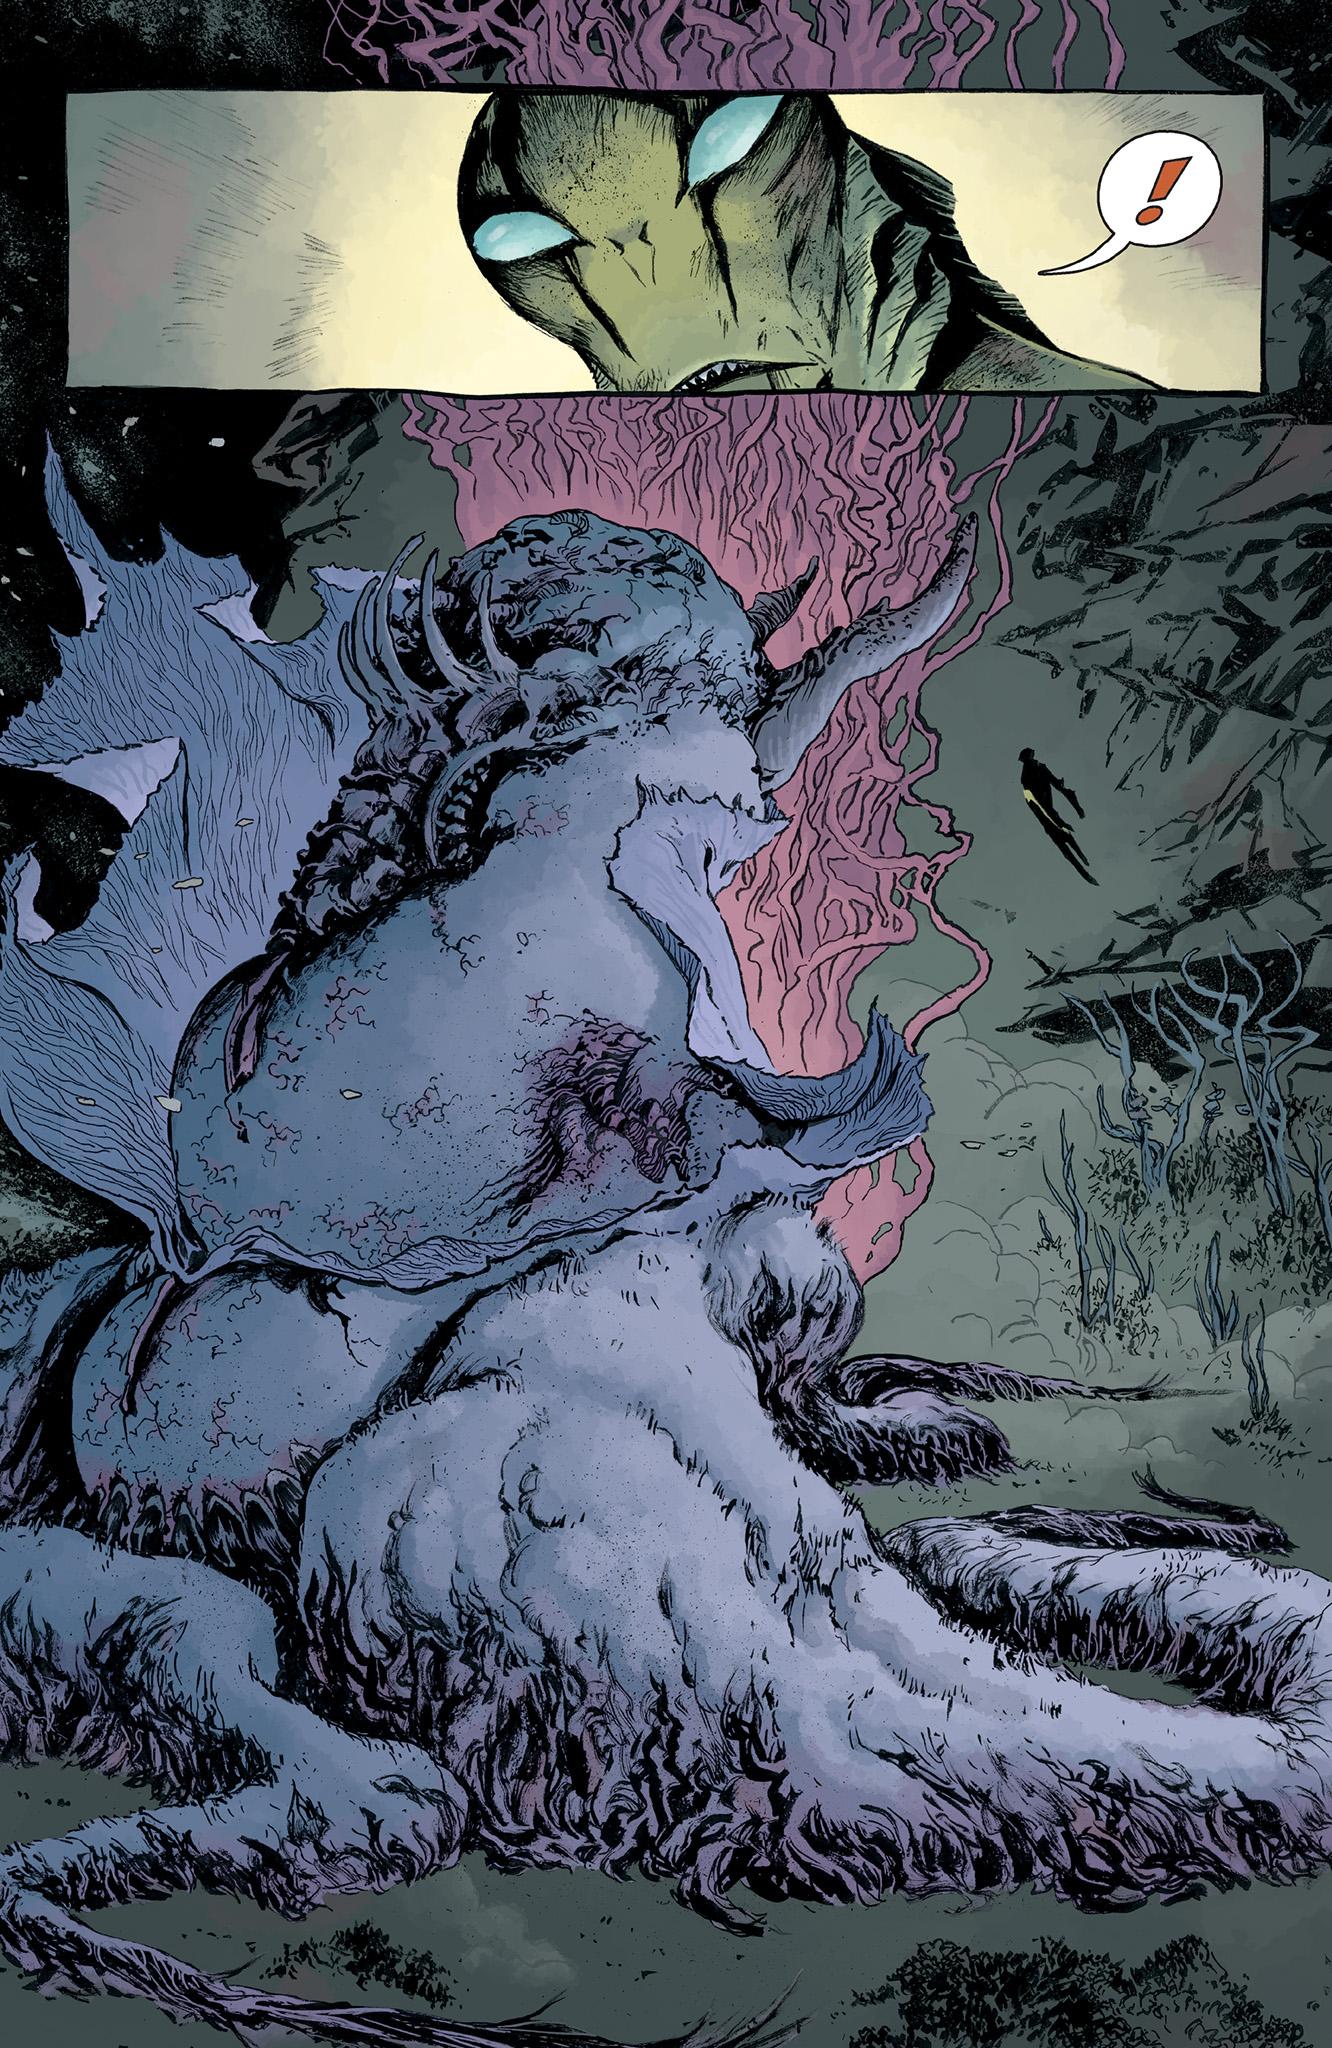 Read online Abe Sapien comic -  Issue #5 - 14